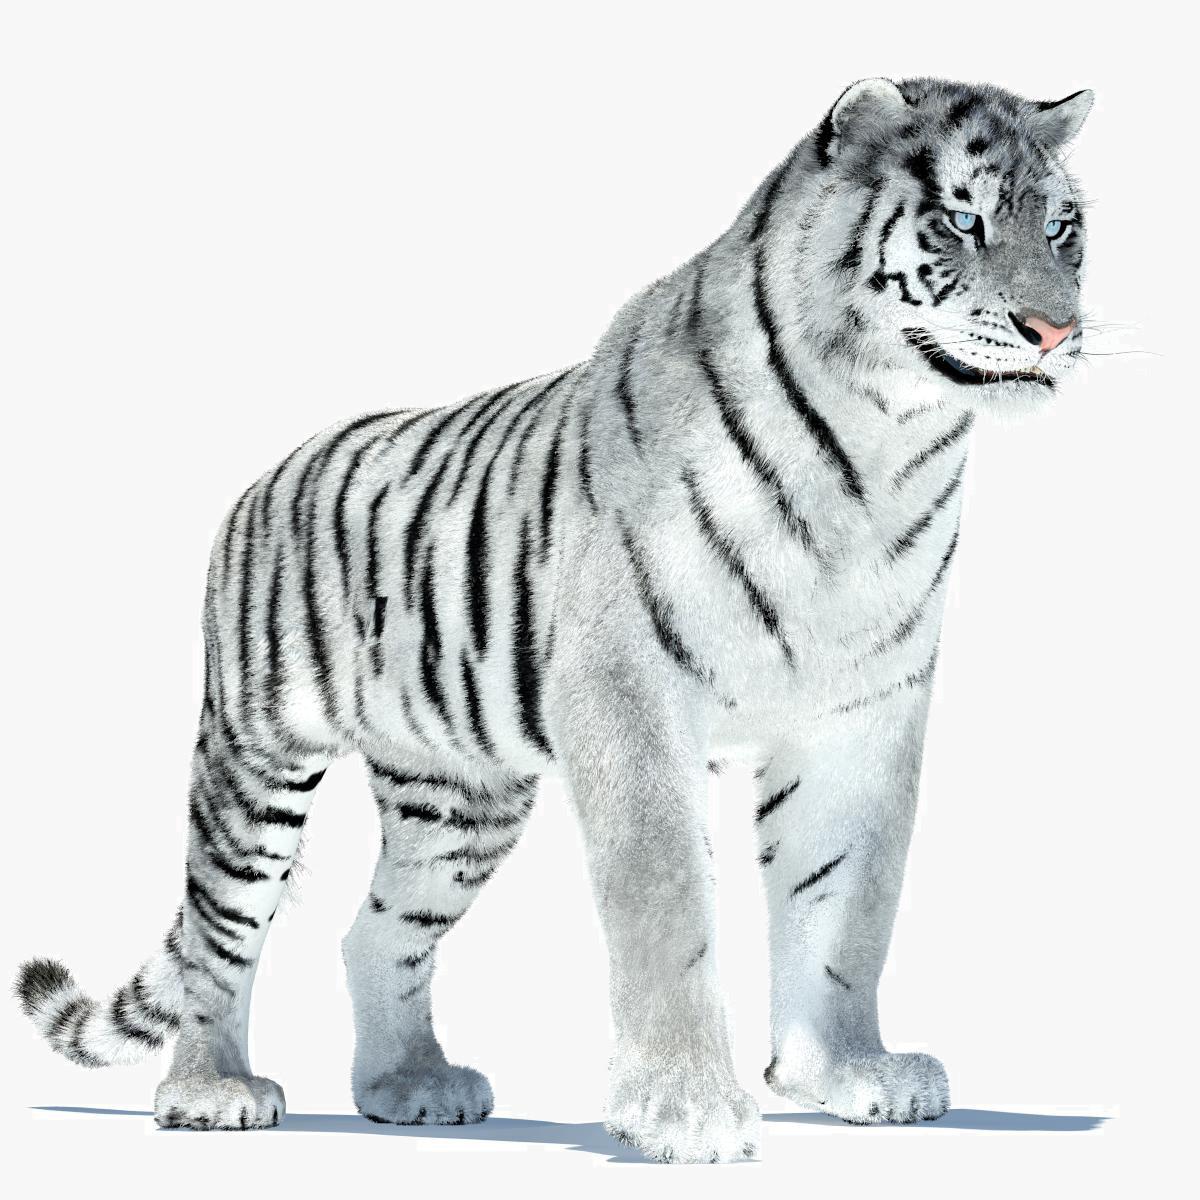 Tiger-00.jpg